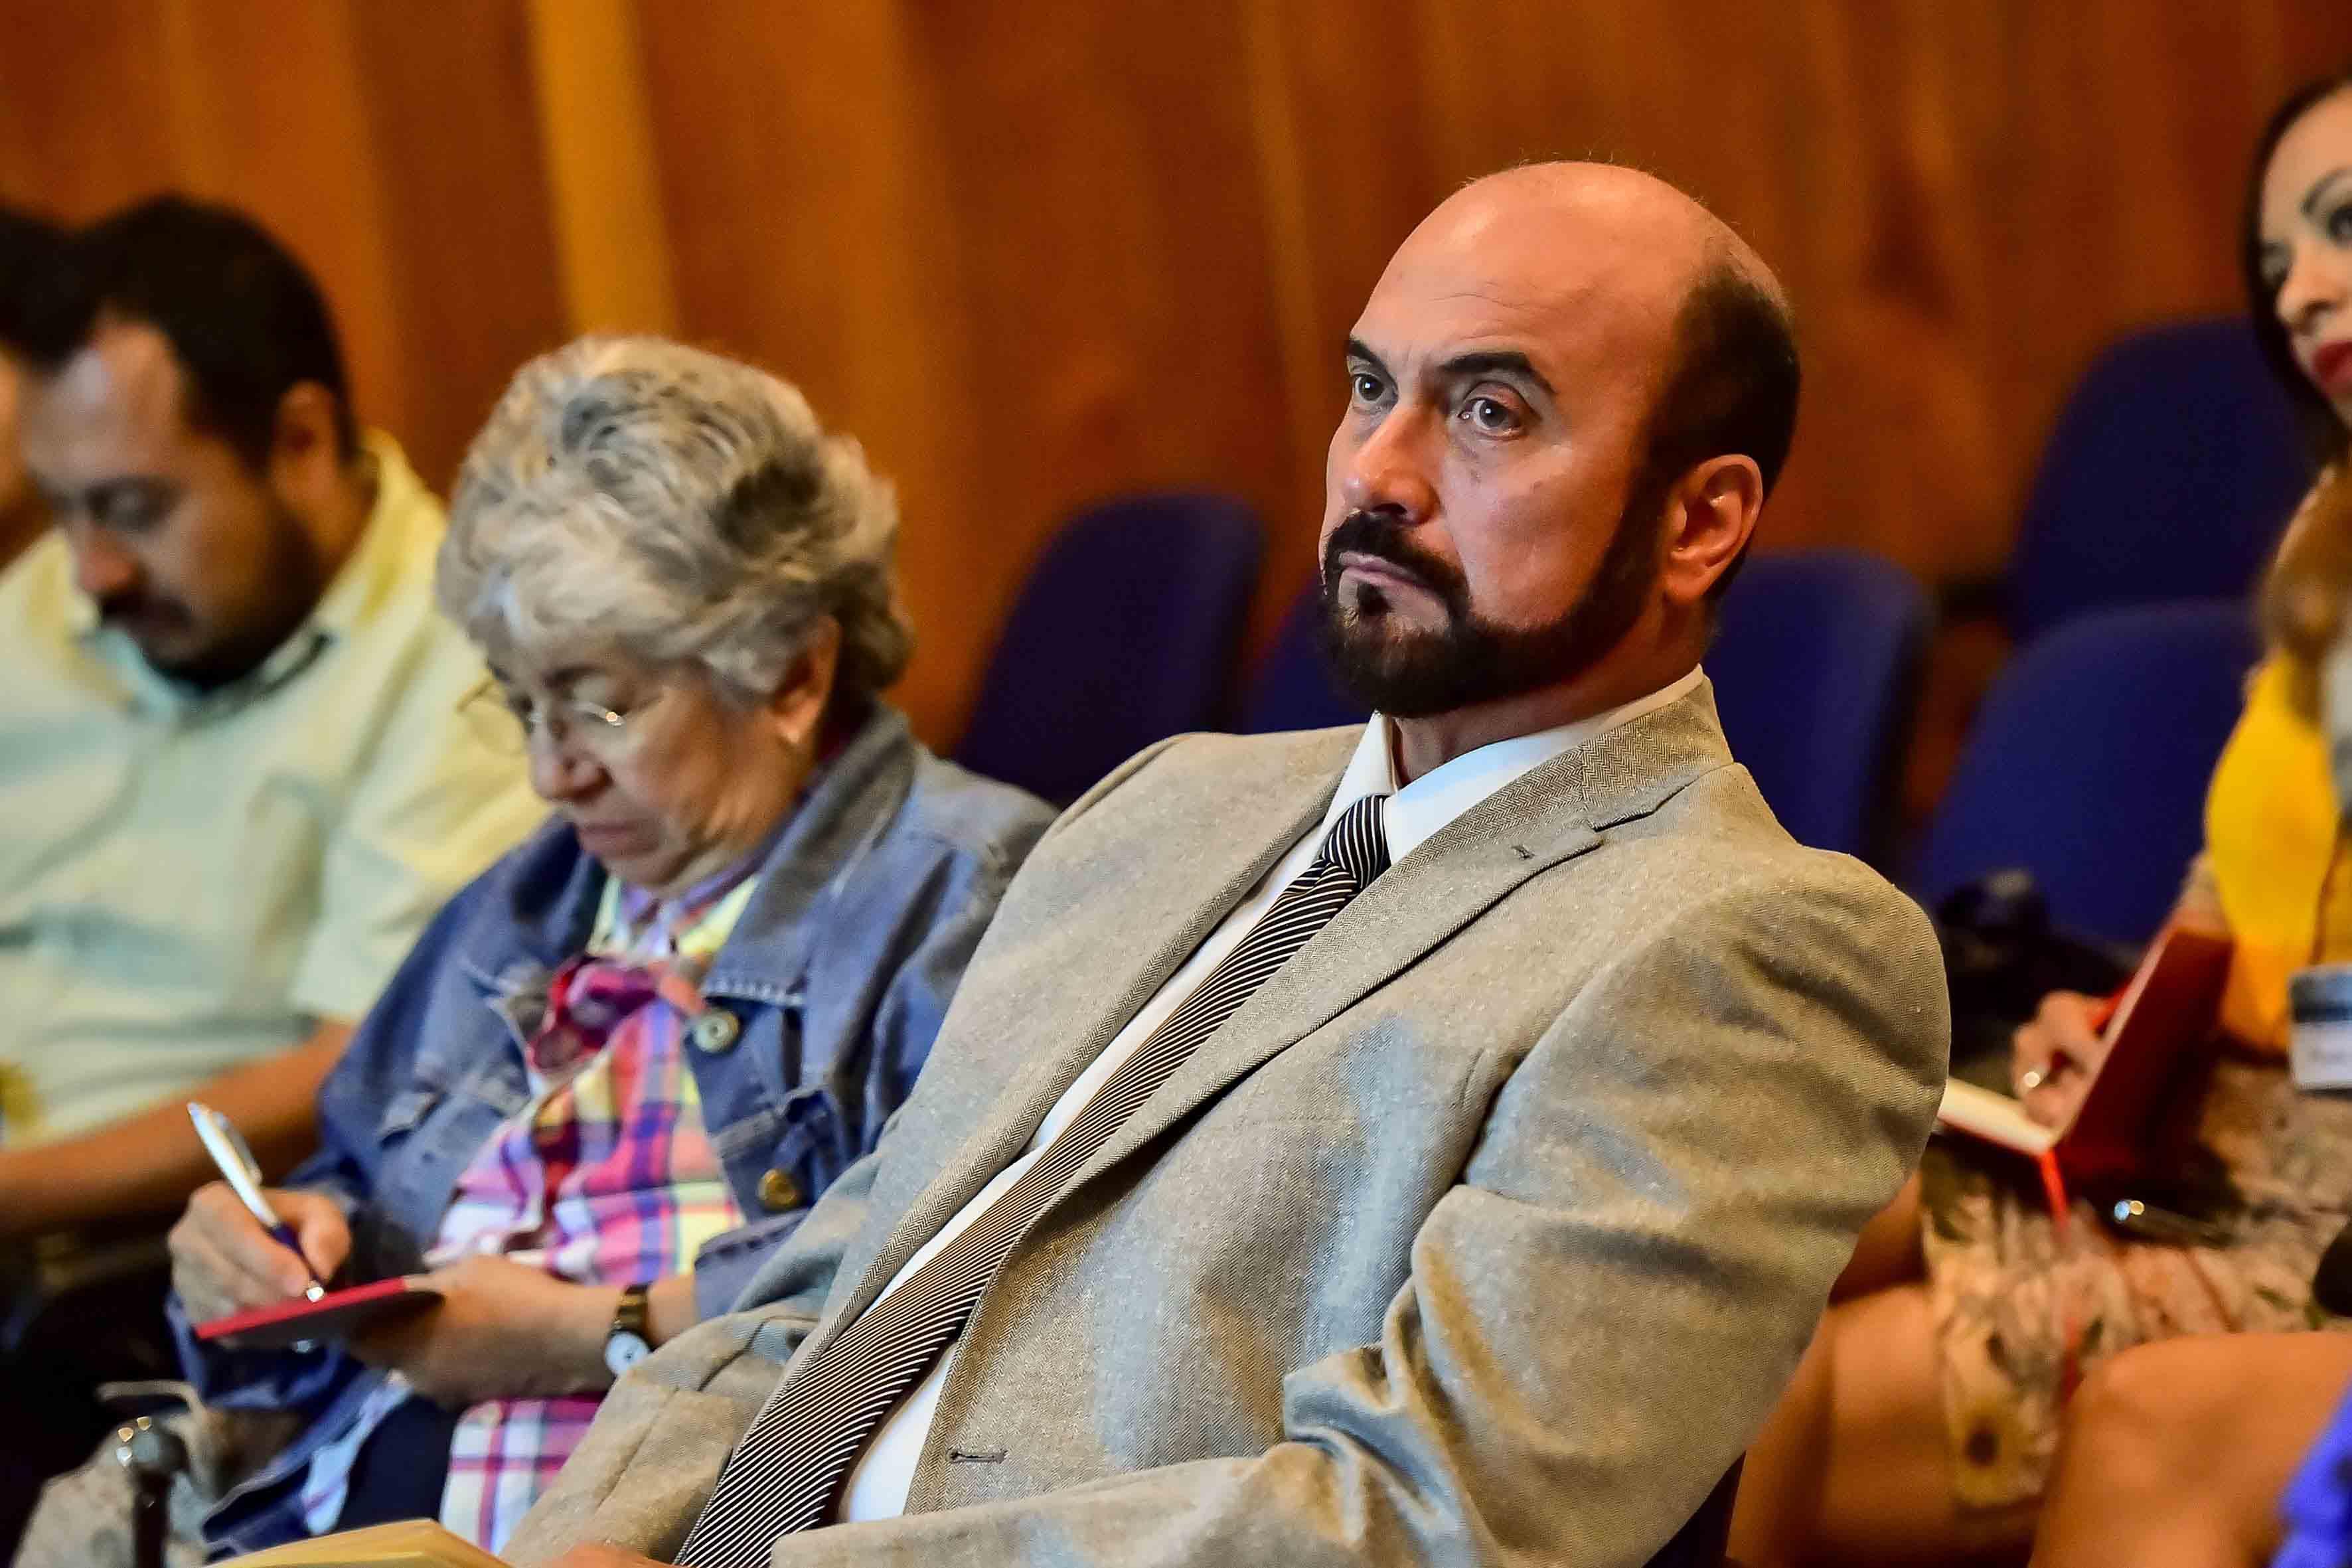 Público asistente a conferencia de neurociencias.